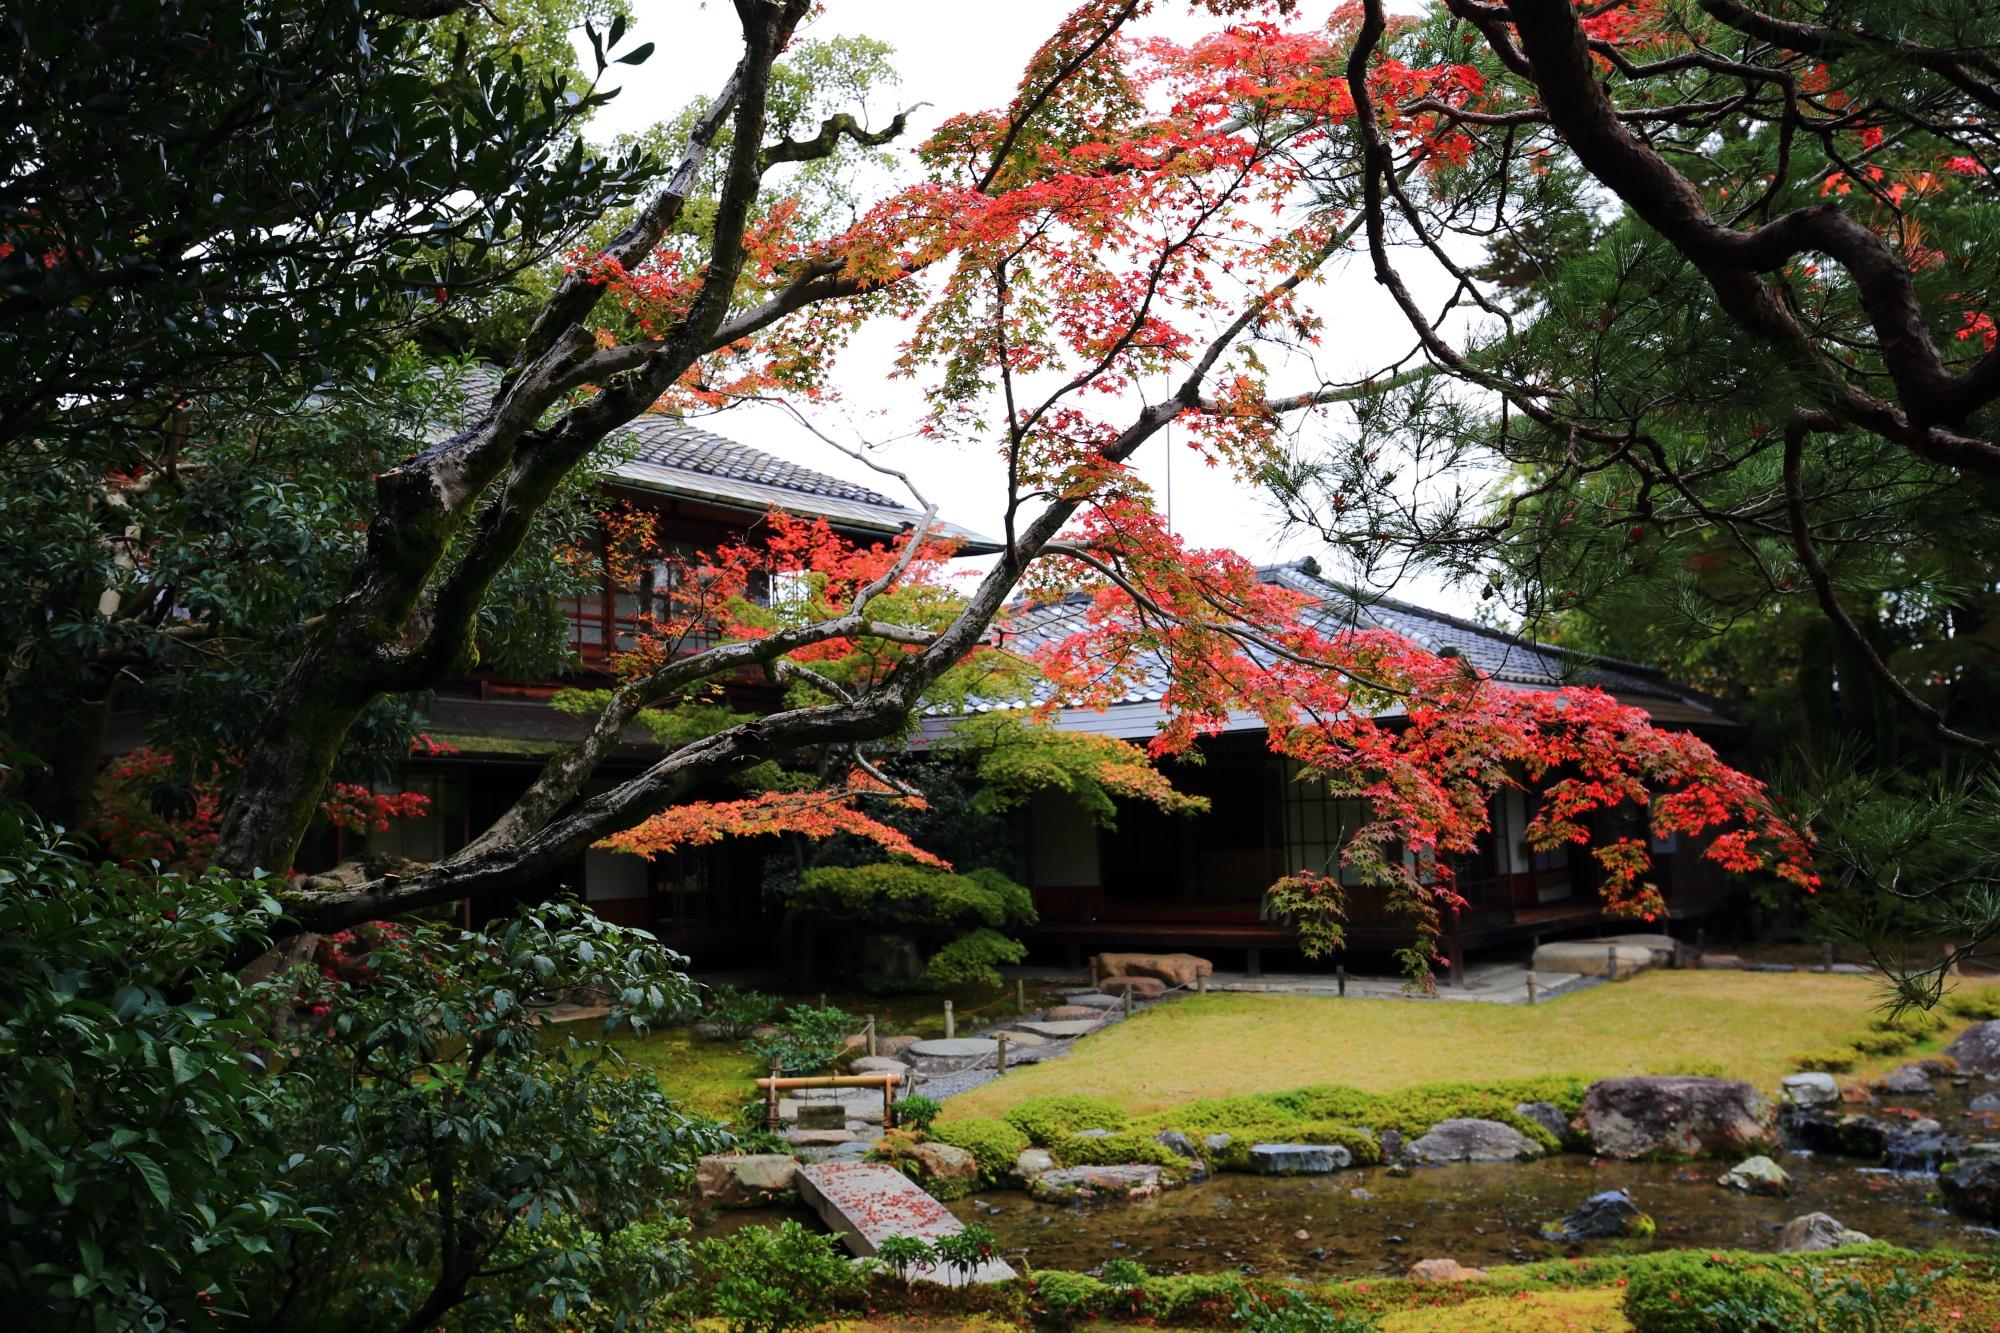 長閑な庭園でゆっくり静かに紅葉狩りが楽しめる無鄰菴